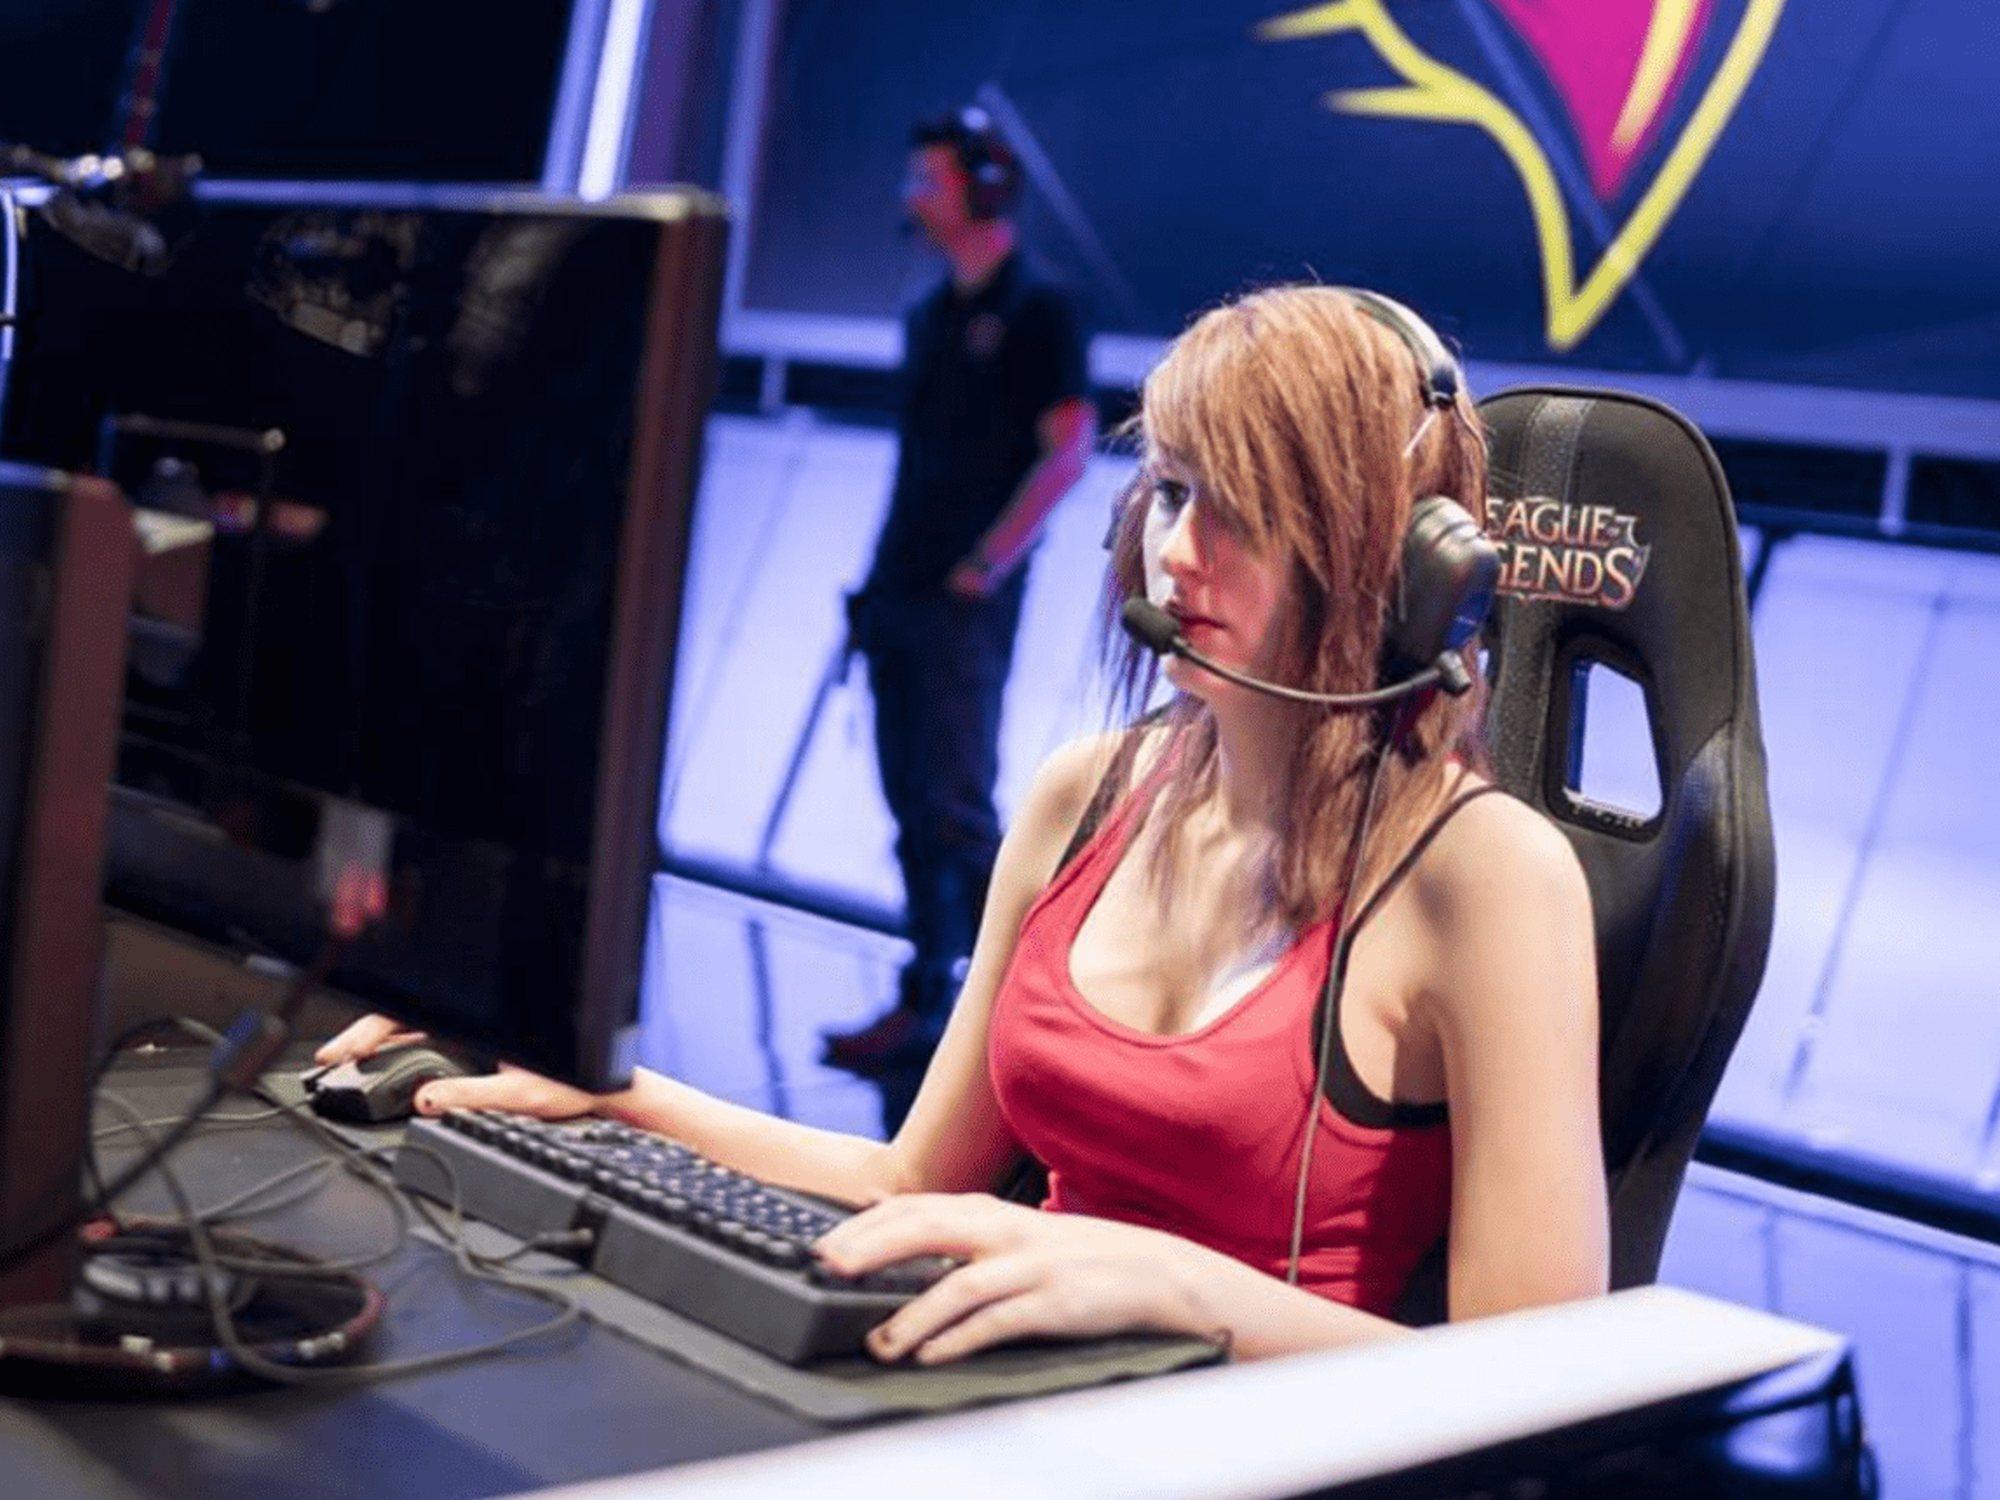 Muere Remilia Creveling a los 24 años, la primera gamer trans en hacer historia en 'League of Legends'